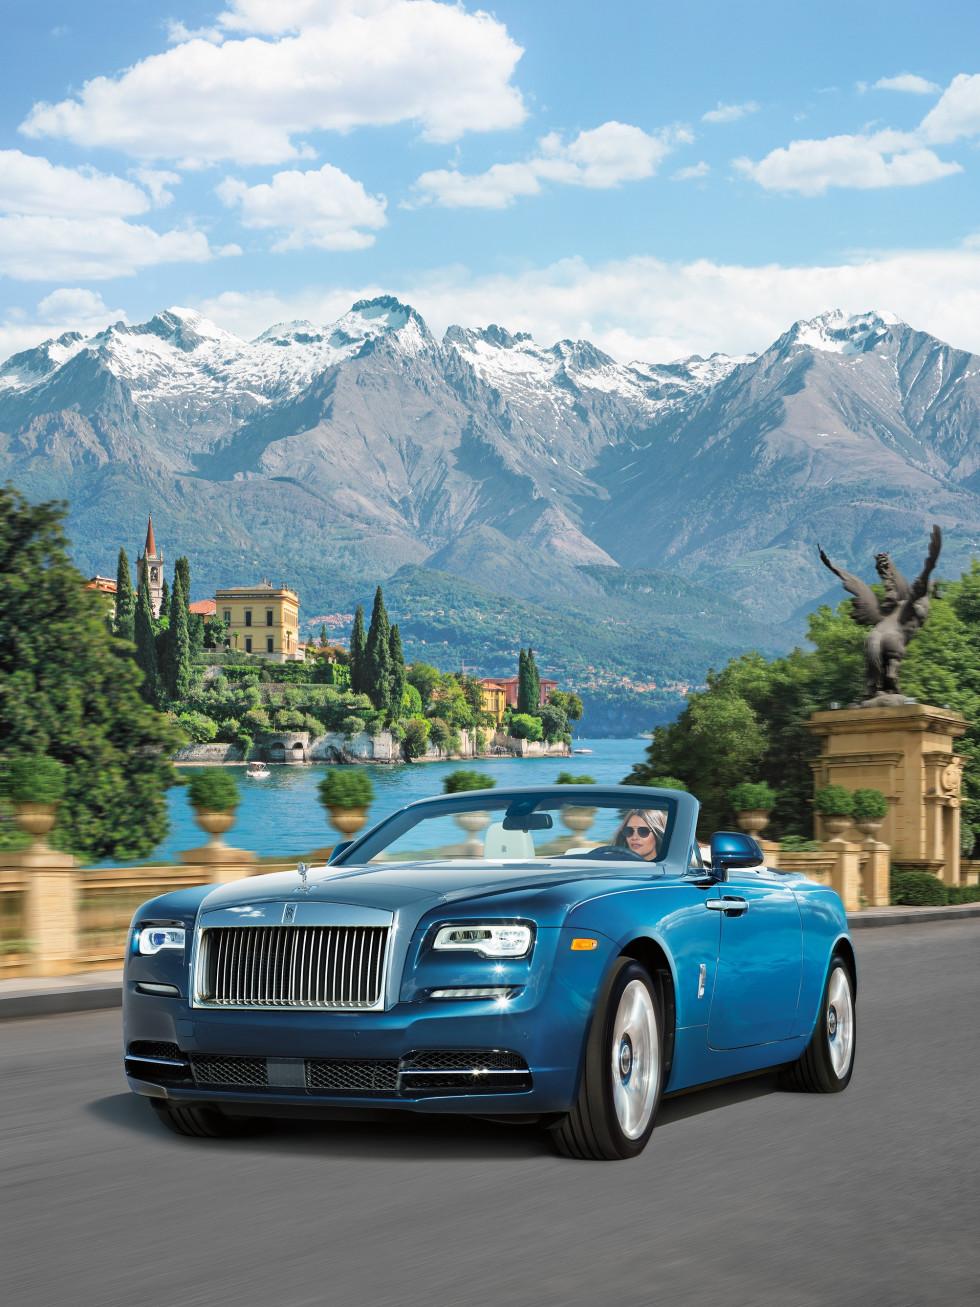 Rolls Royce Dawn blue, NM Fantasy Gifts 2017